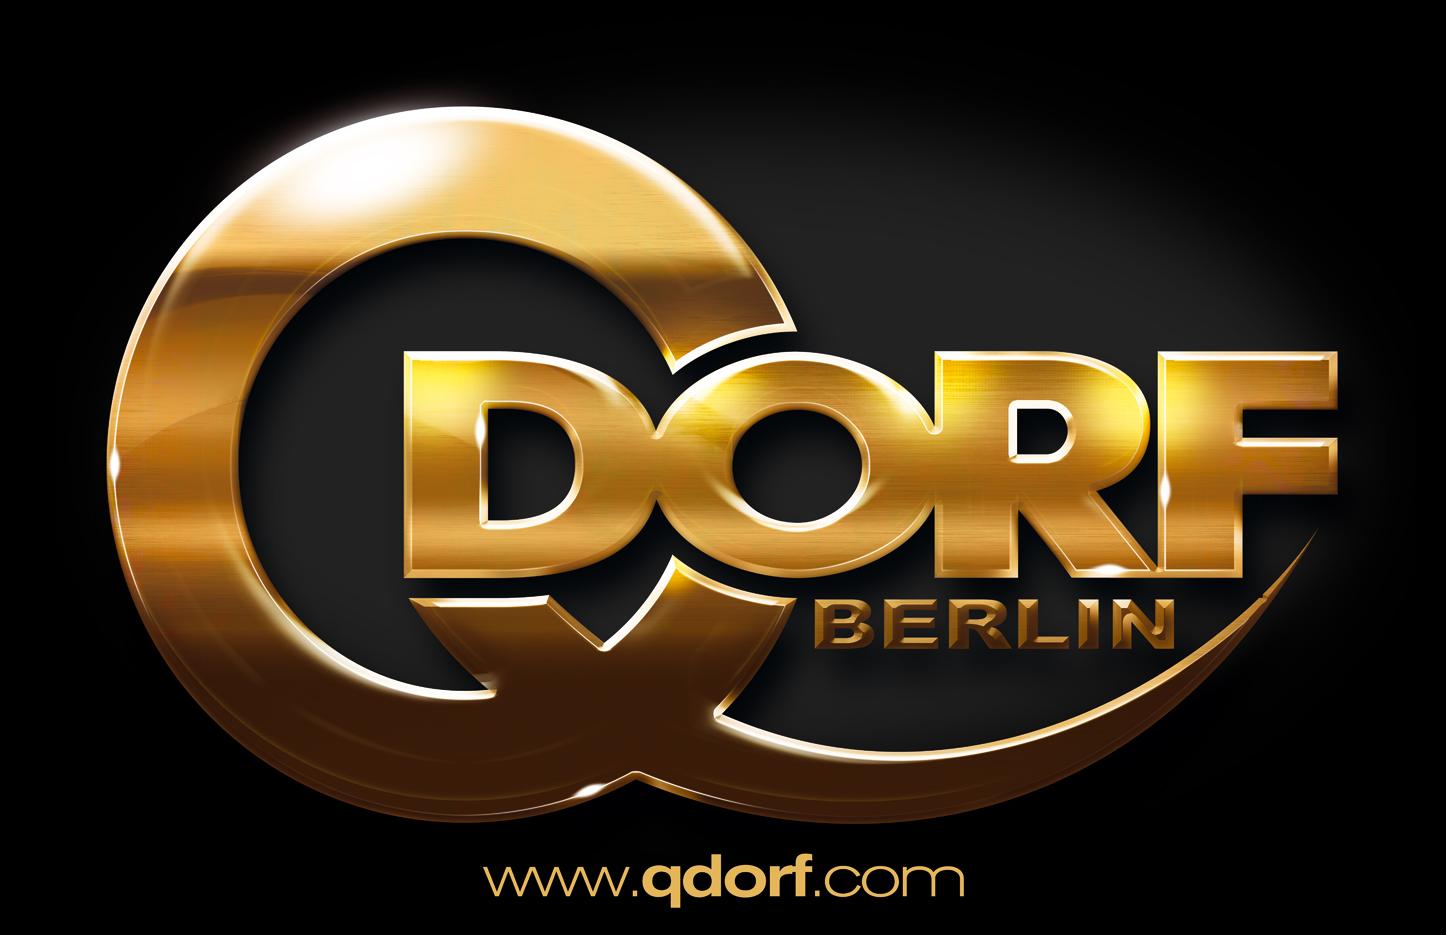 1975 - 2009-Berliner Diskothek Q-Dorf feiert 34 Jahre Geburtstag - Die beliebtesten Partys aus 2009 - Am Kurfürstendamm wird gefeirt bis in die frühen Morgenstunden